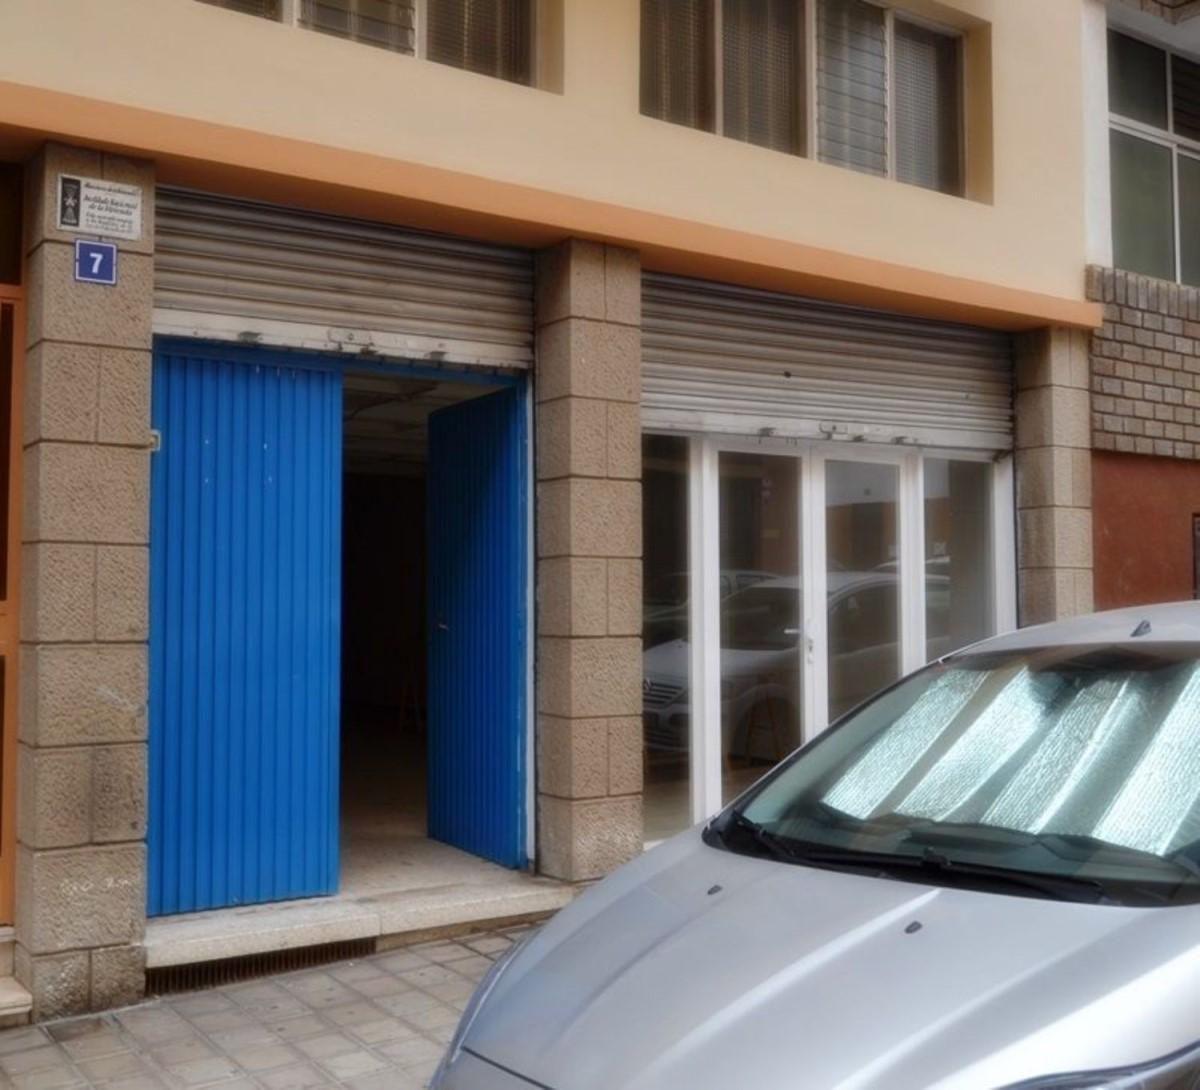 Local Comercial en Venta en Tome Cano, Santa Cruz de Tenerife